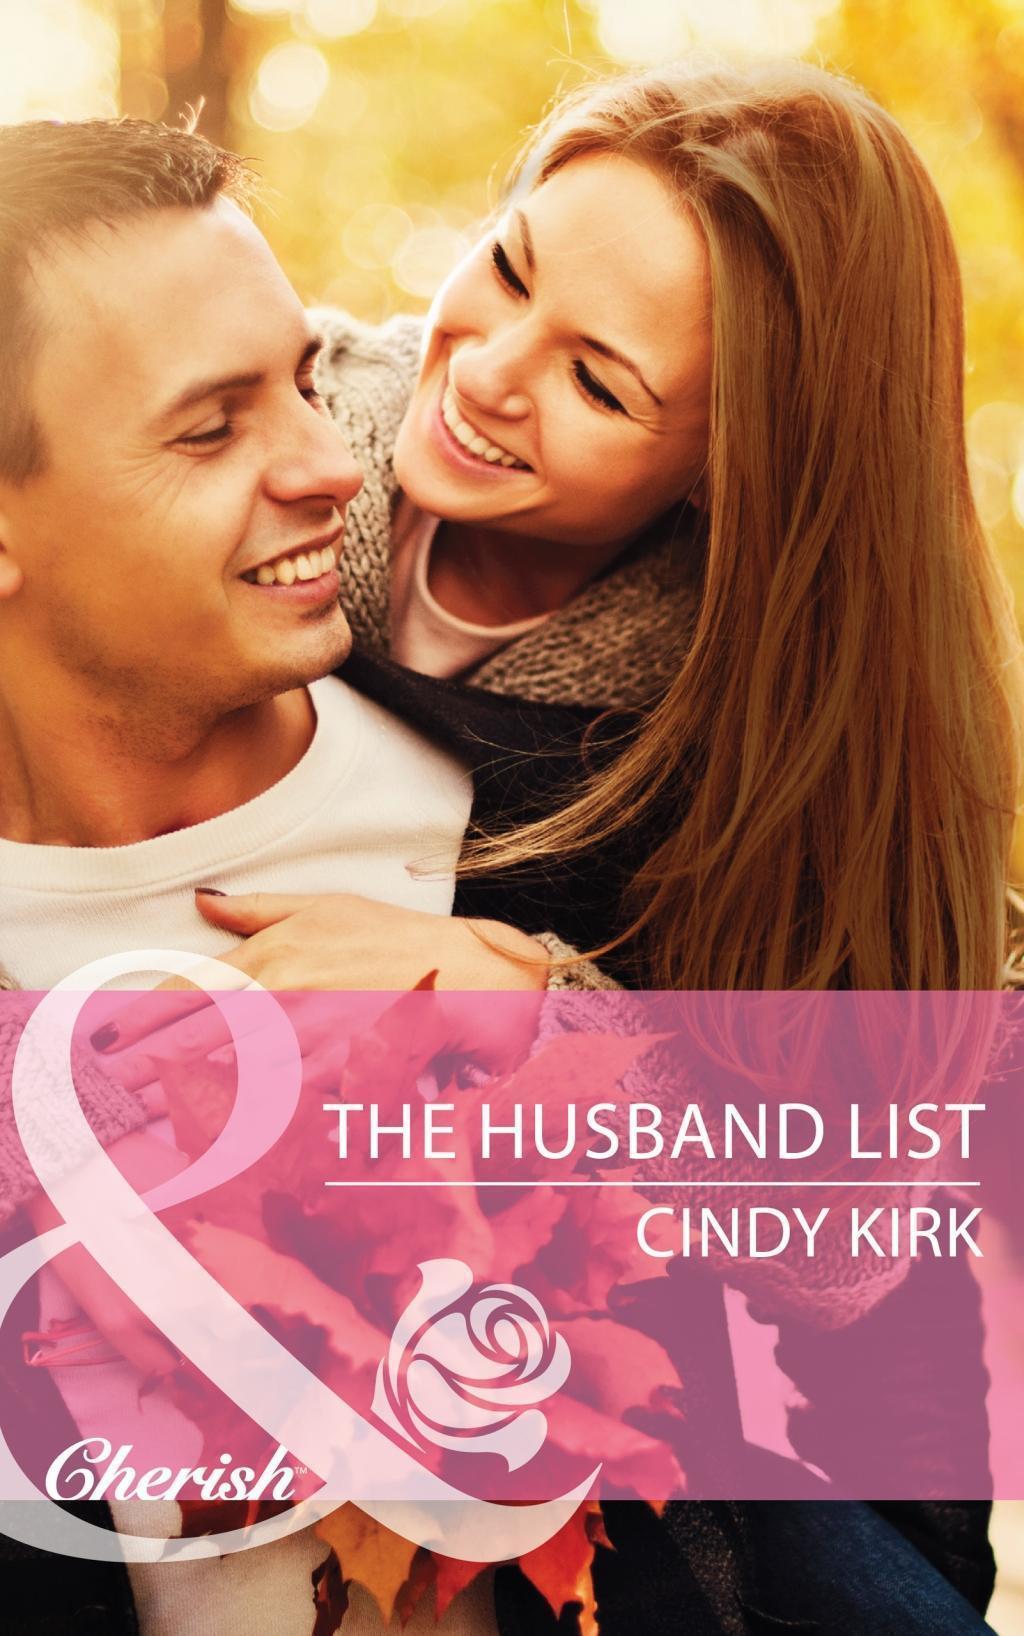 The Husband List (Mills & Boon Cherish)